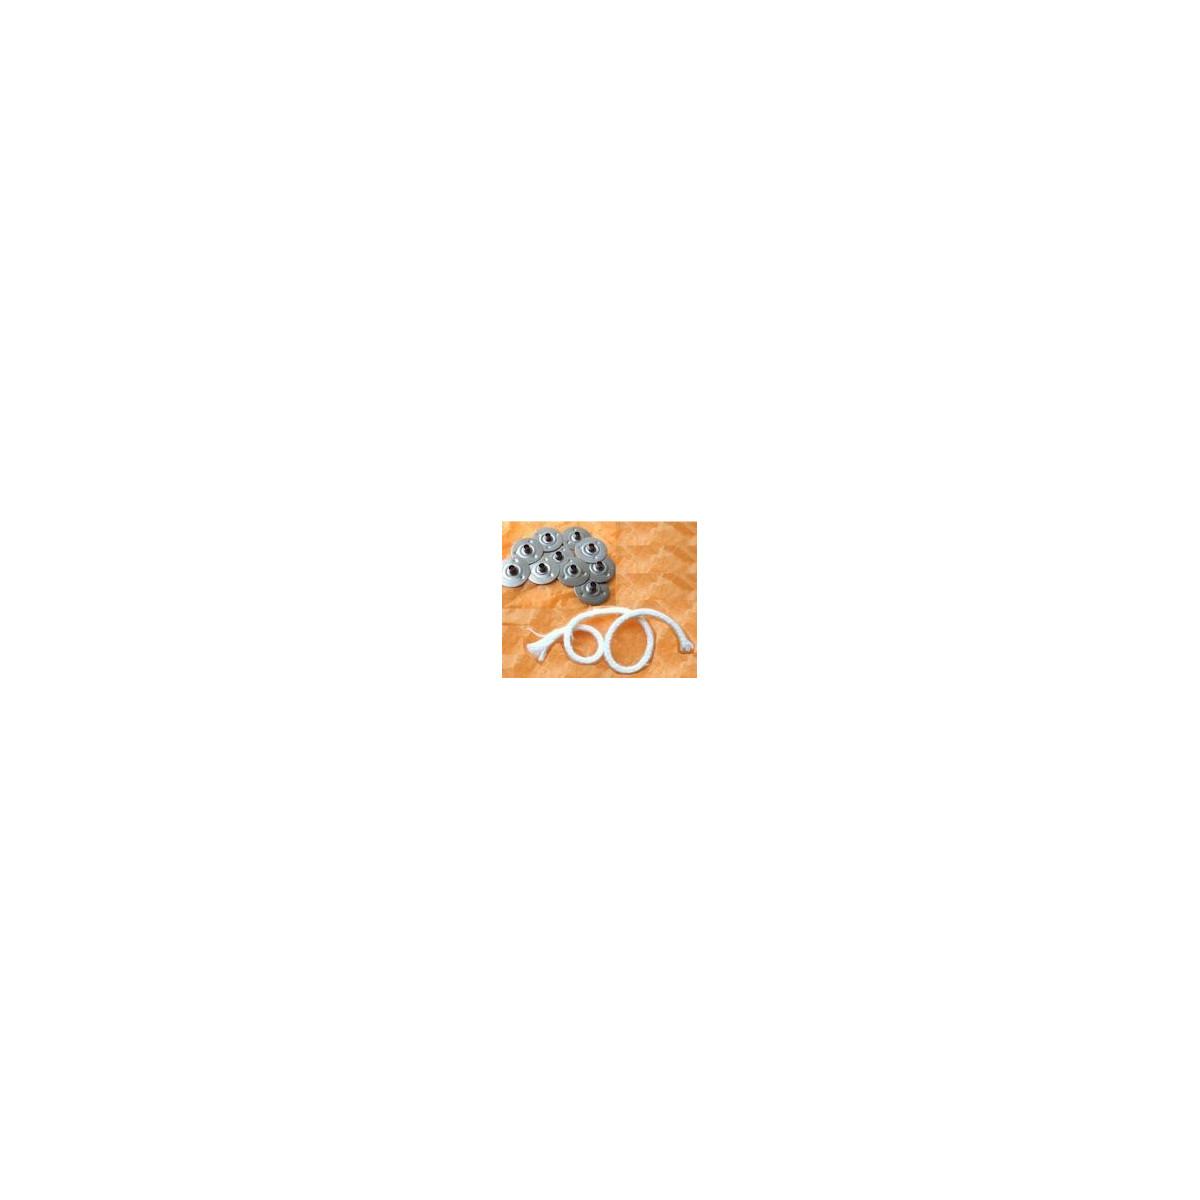 Socle pour mèche coton trou de 3mm